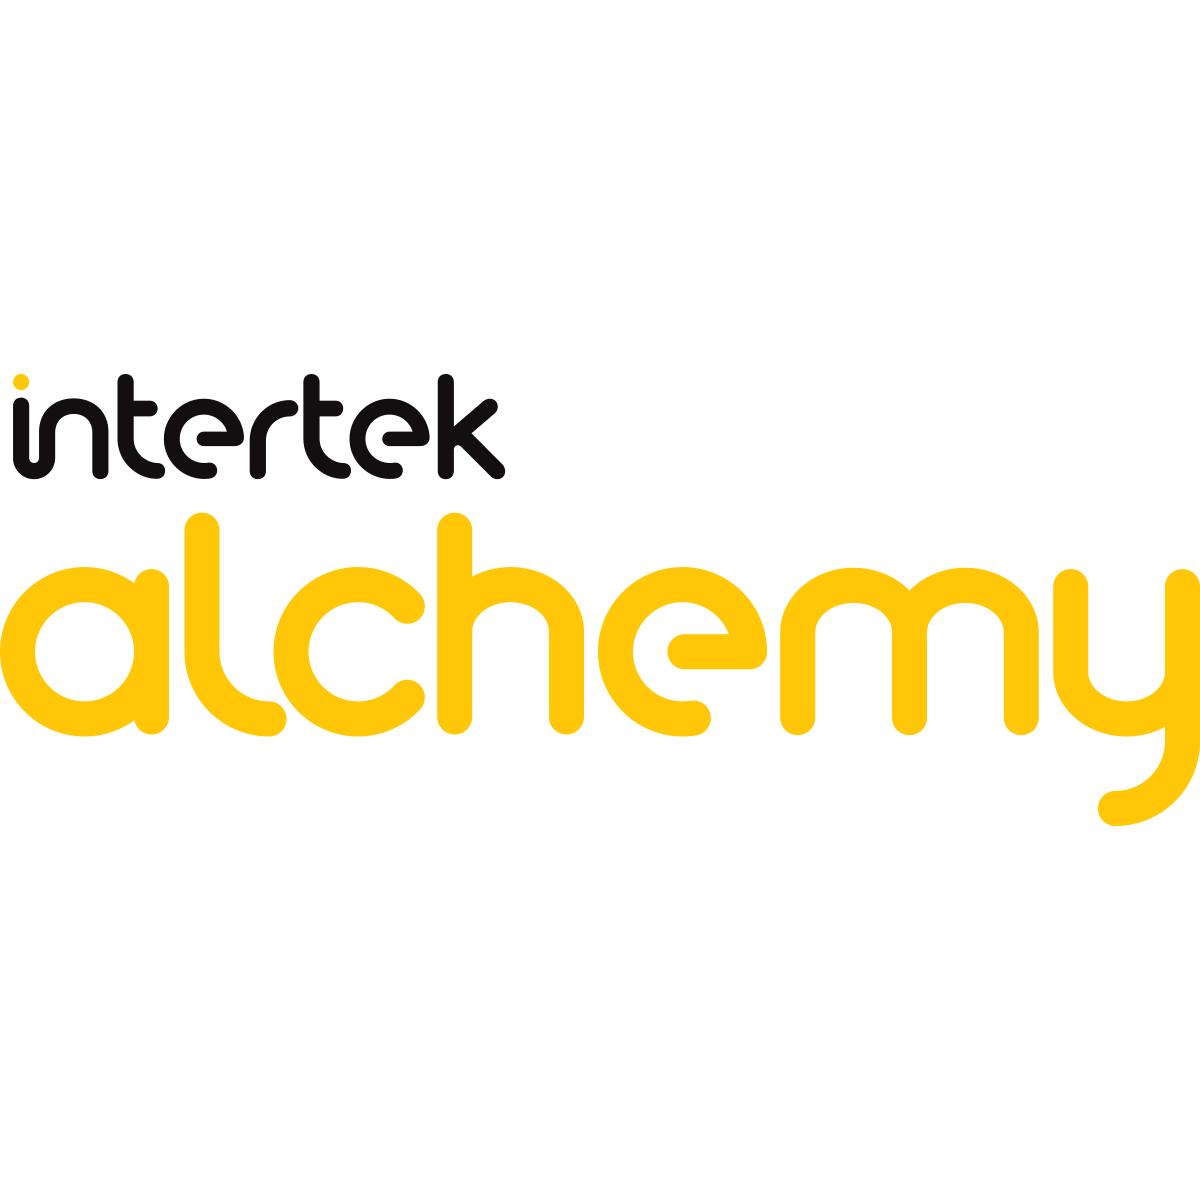 Intertek Alchemy